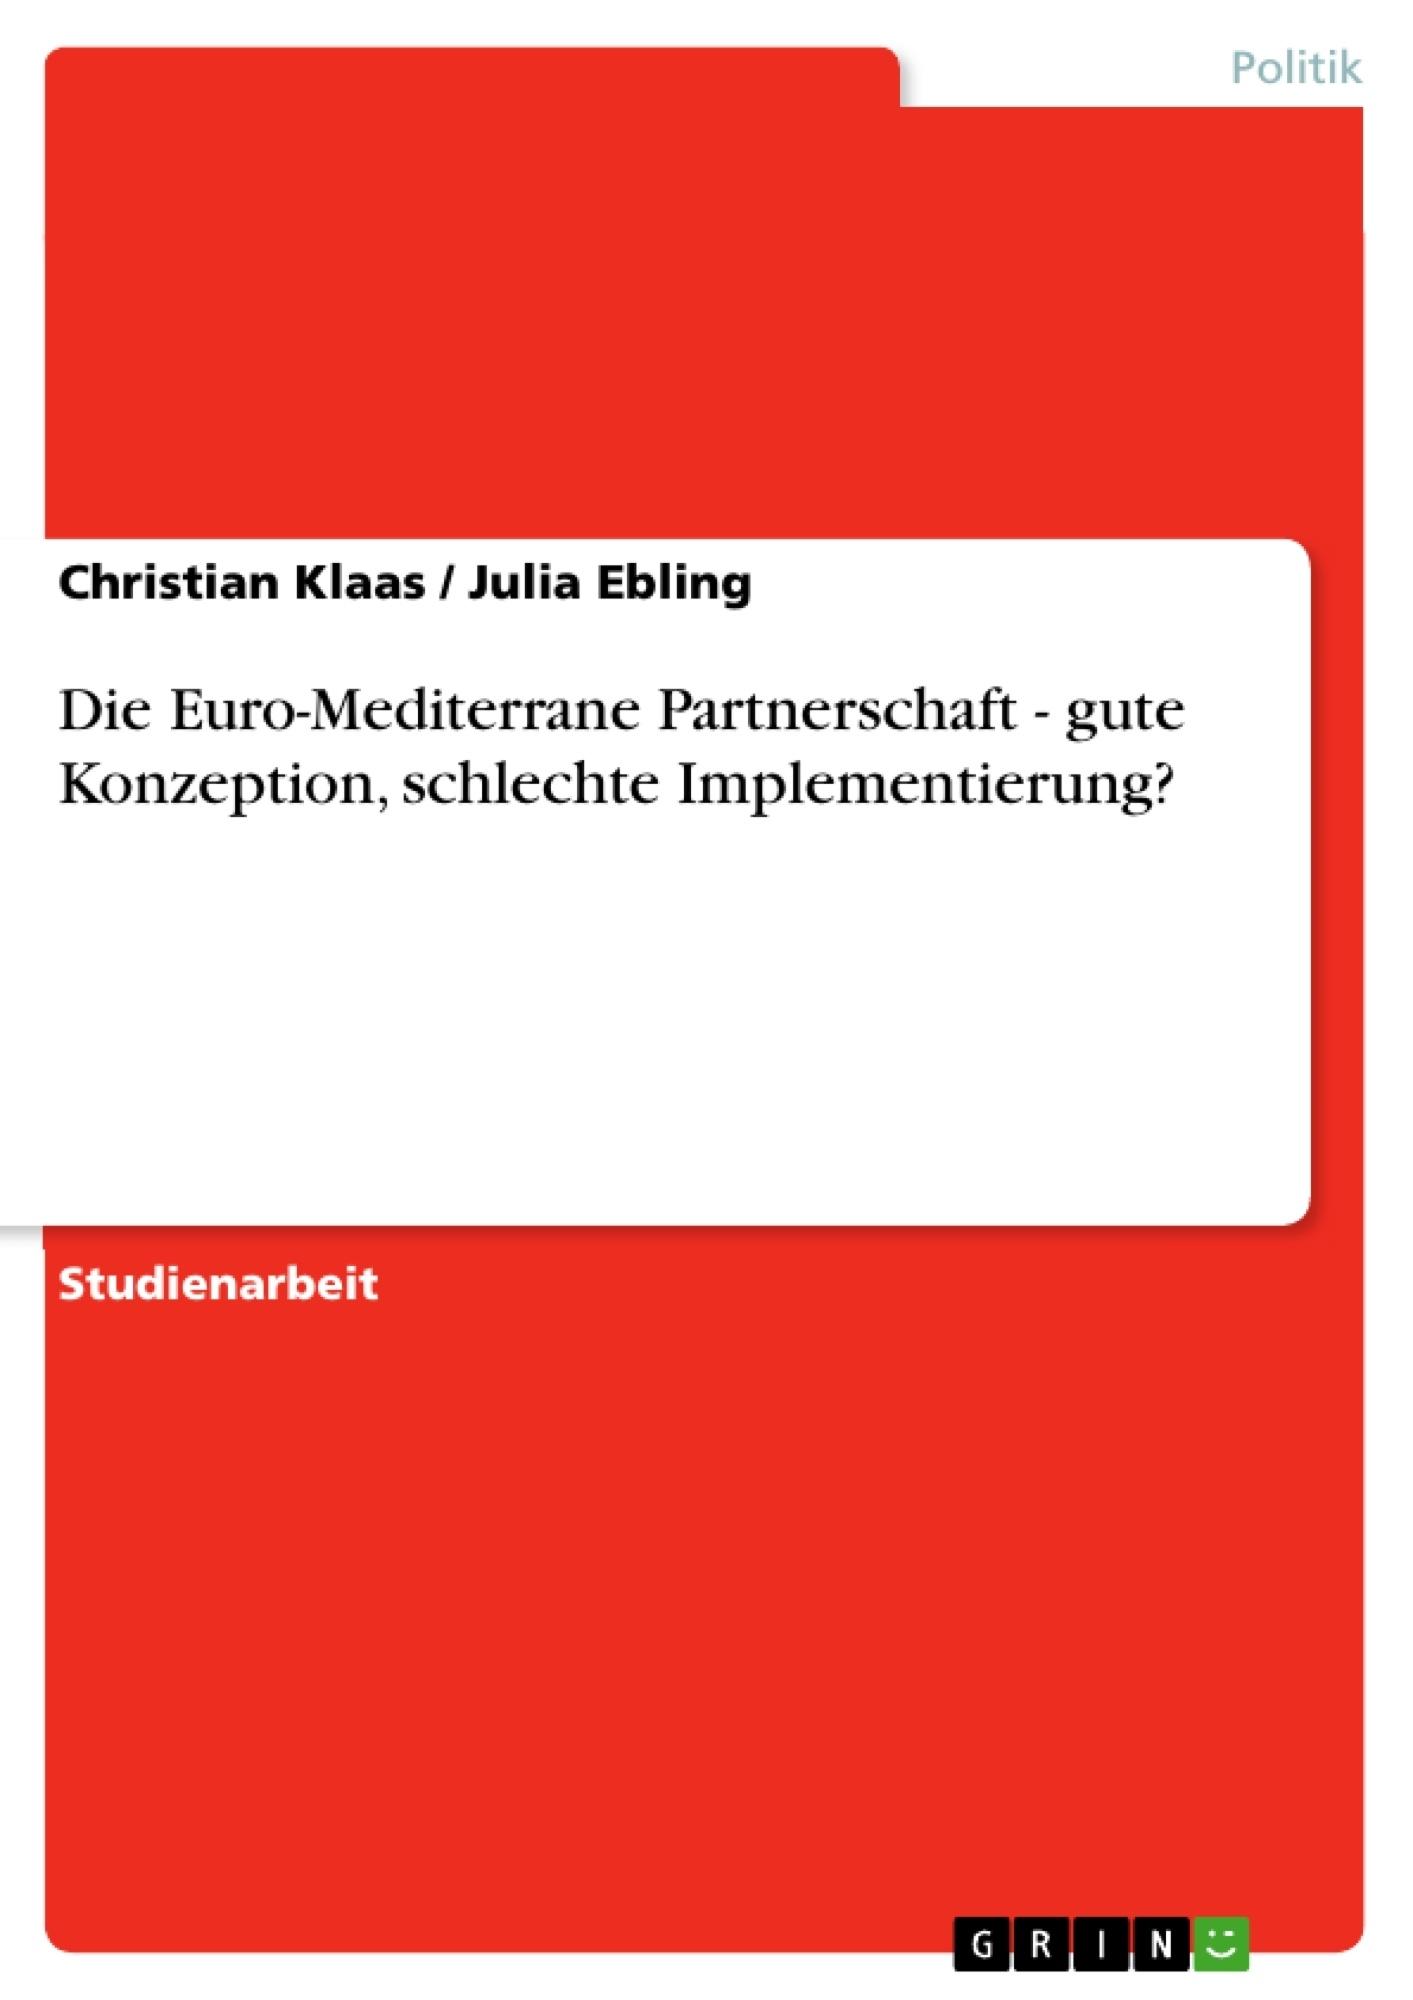 Titel: Die Euro-Mediterrane Partnerschaft - gute Konzeption, schlechte Implementierung?